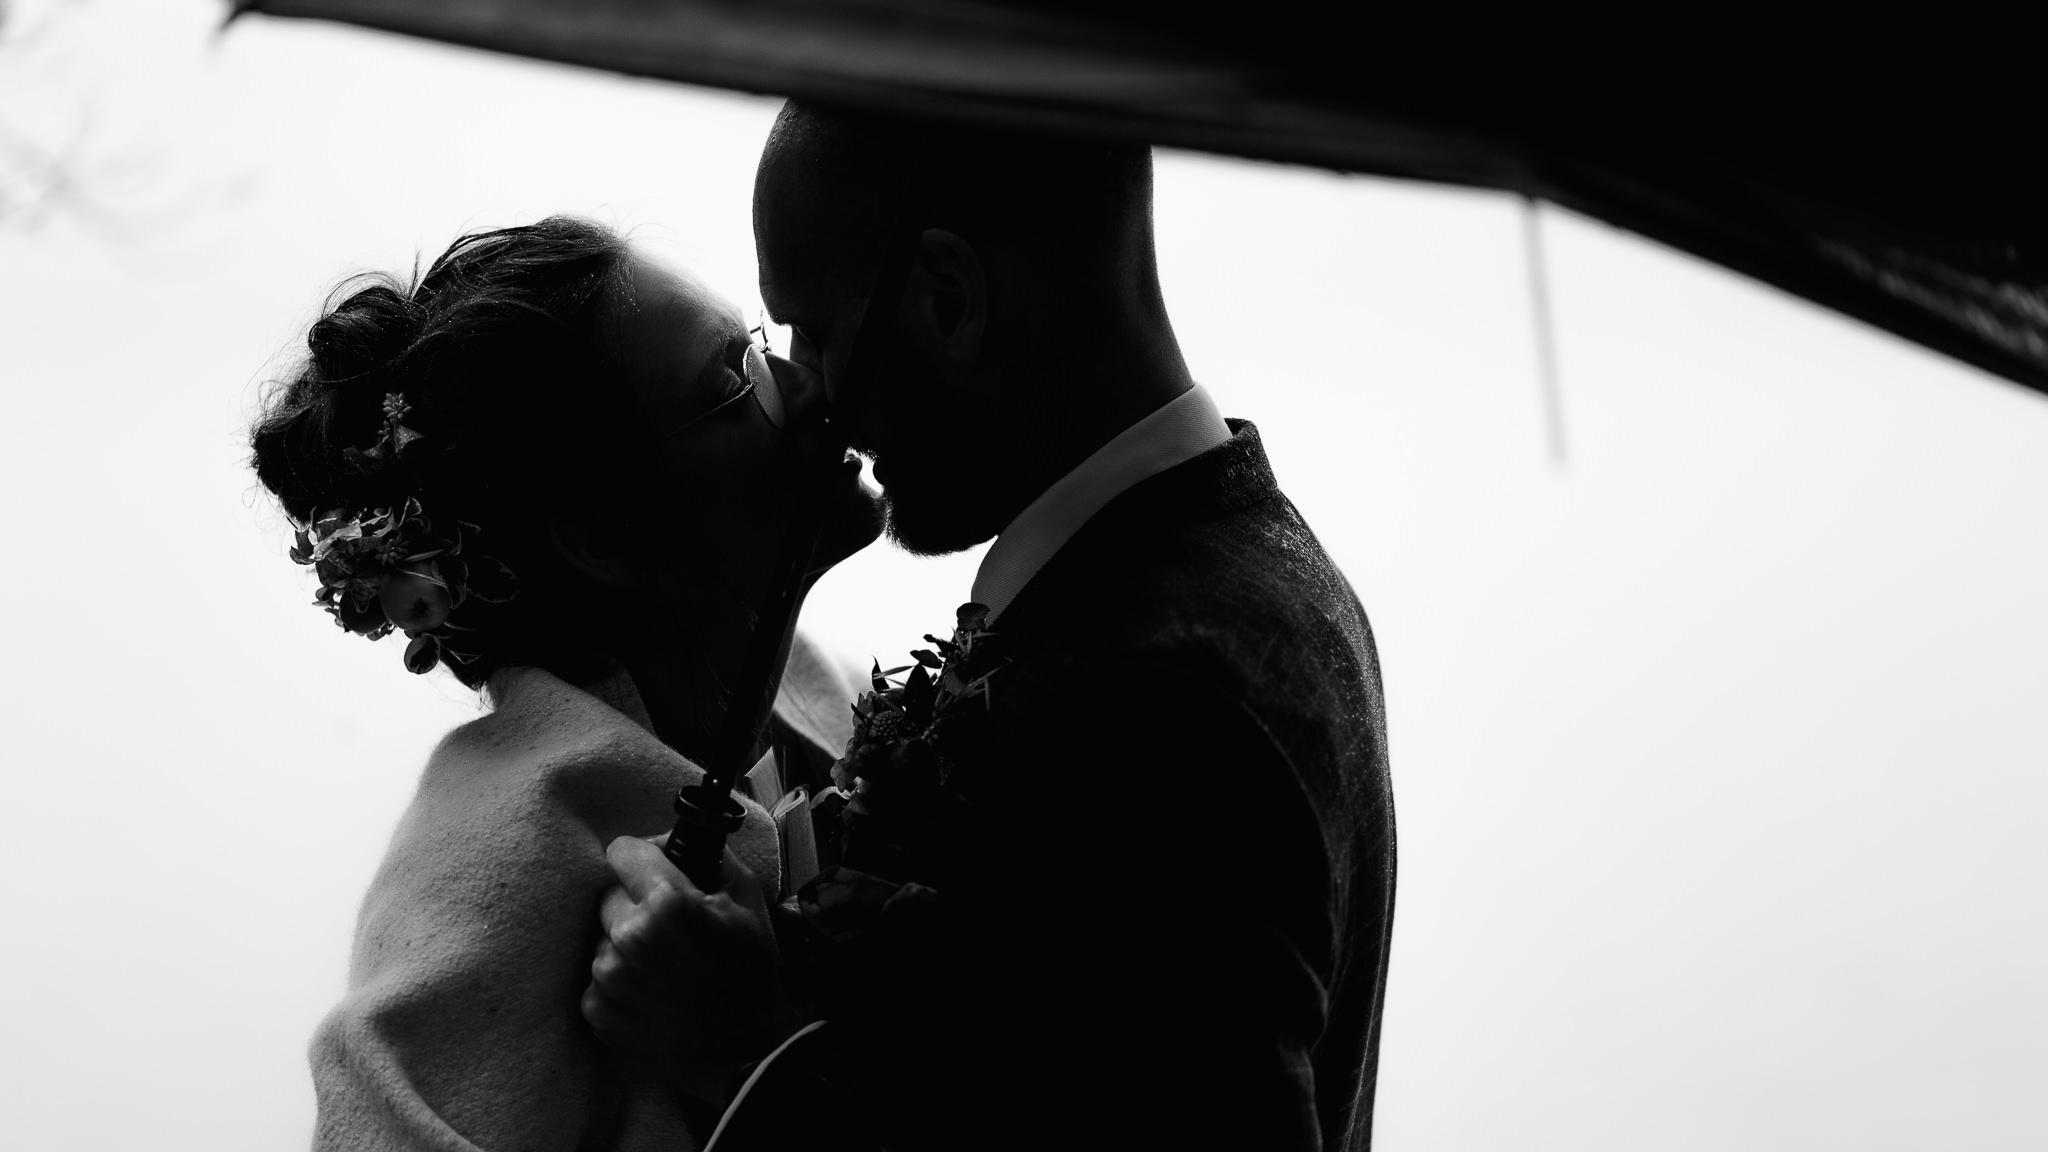 Pumphouse_Point_wedding_photography_elopement623.JPG